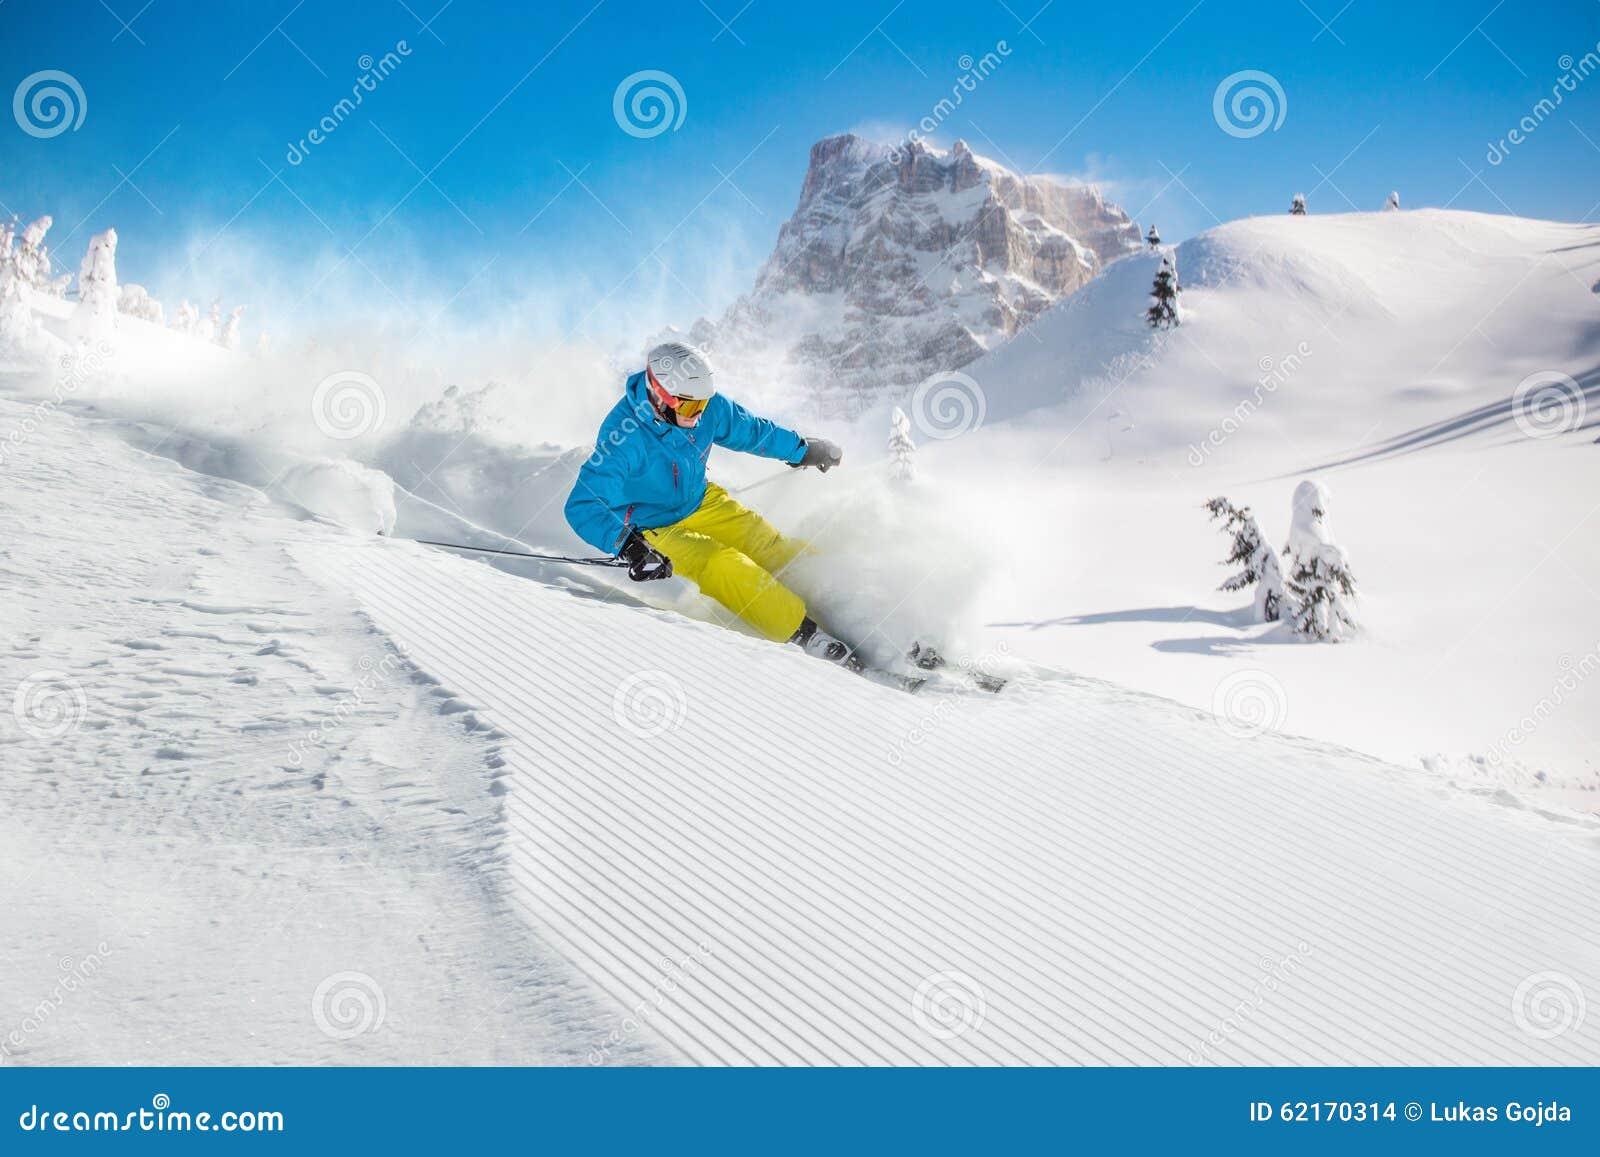 Skifahrer, der abwärts im Hochgebirge Ski fährt